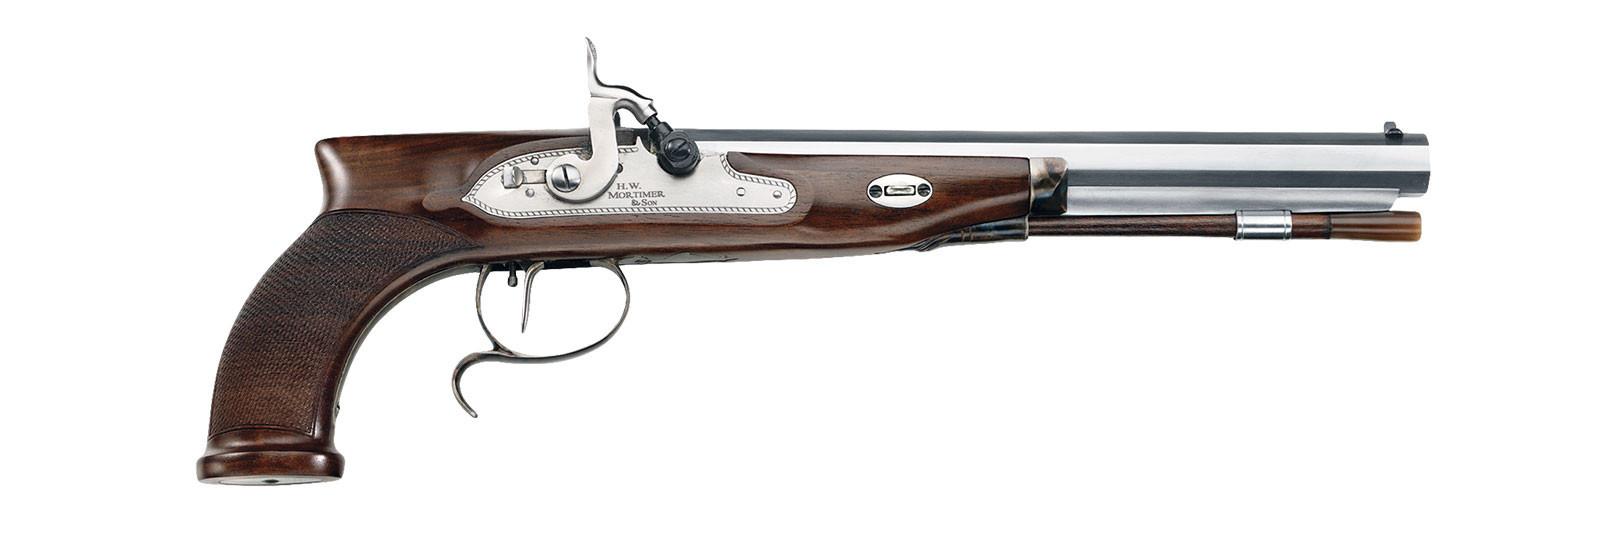 Mortimer percussion pistol .44